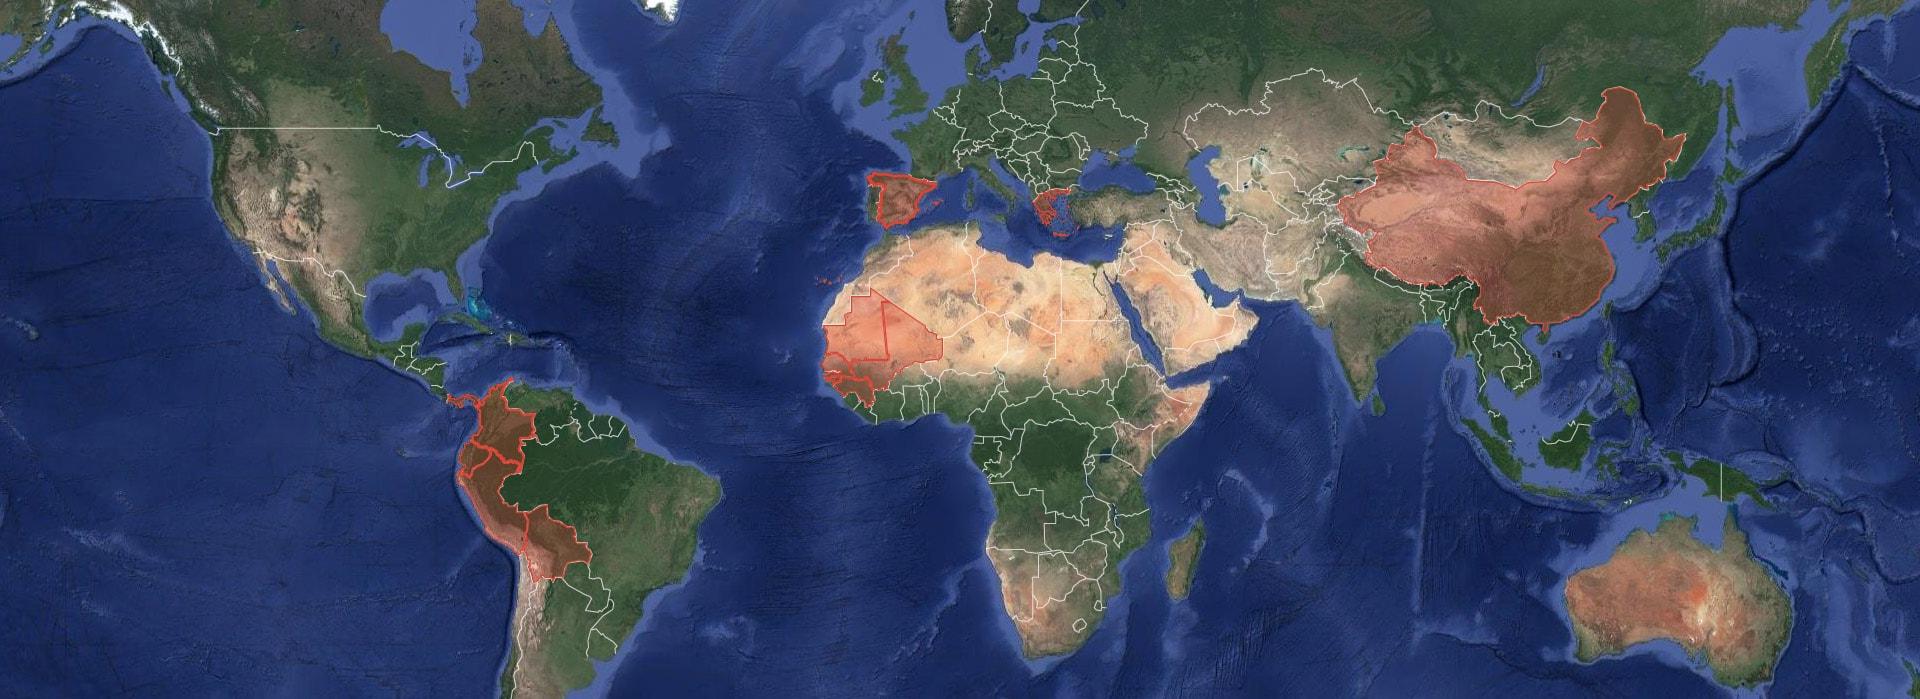 mapa-grupo-marco-home